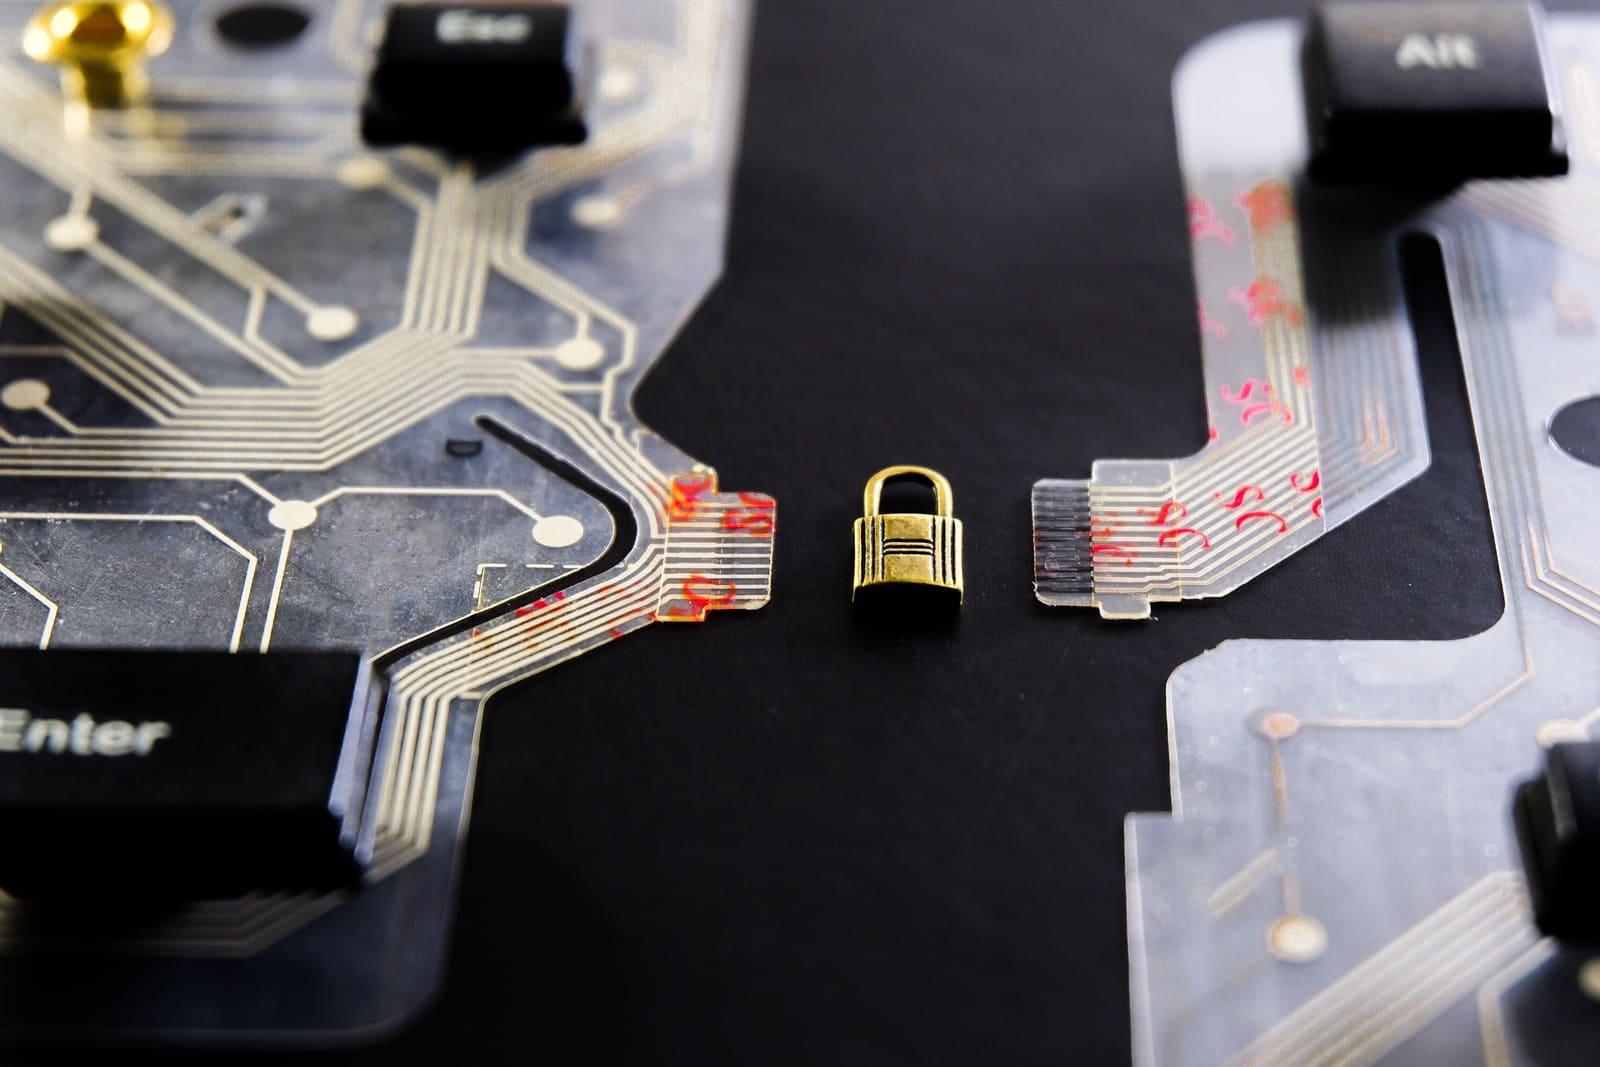 Consultoría ciberseguridad: qué es, sus funciones y cómo estudiar